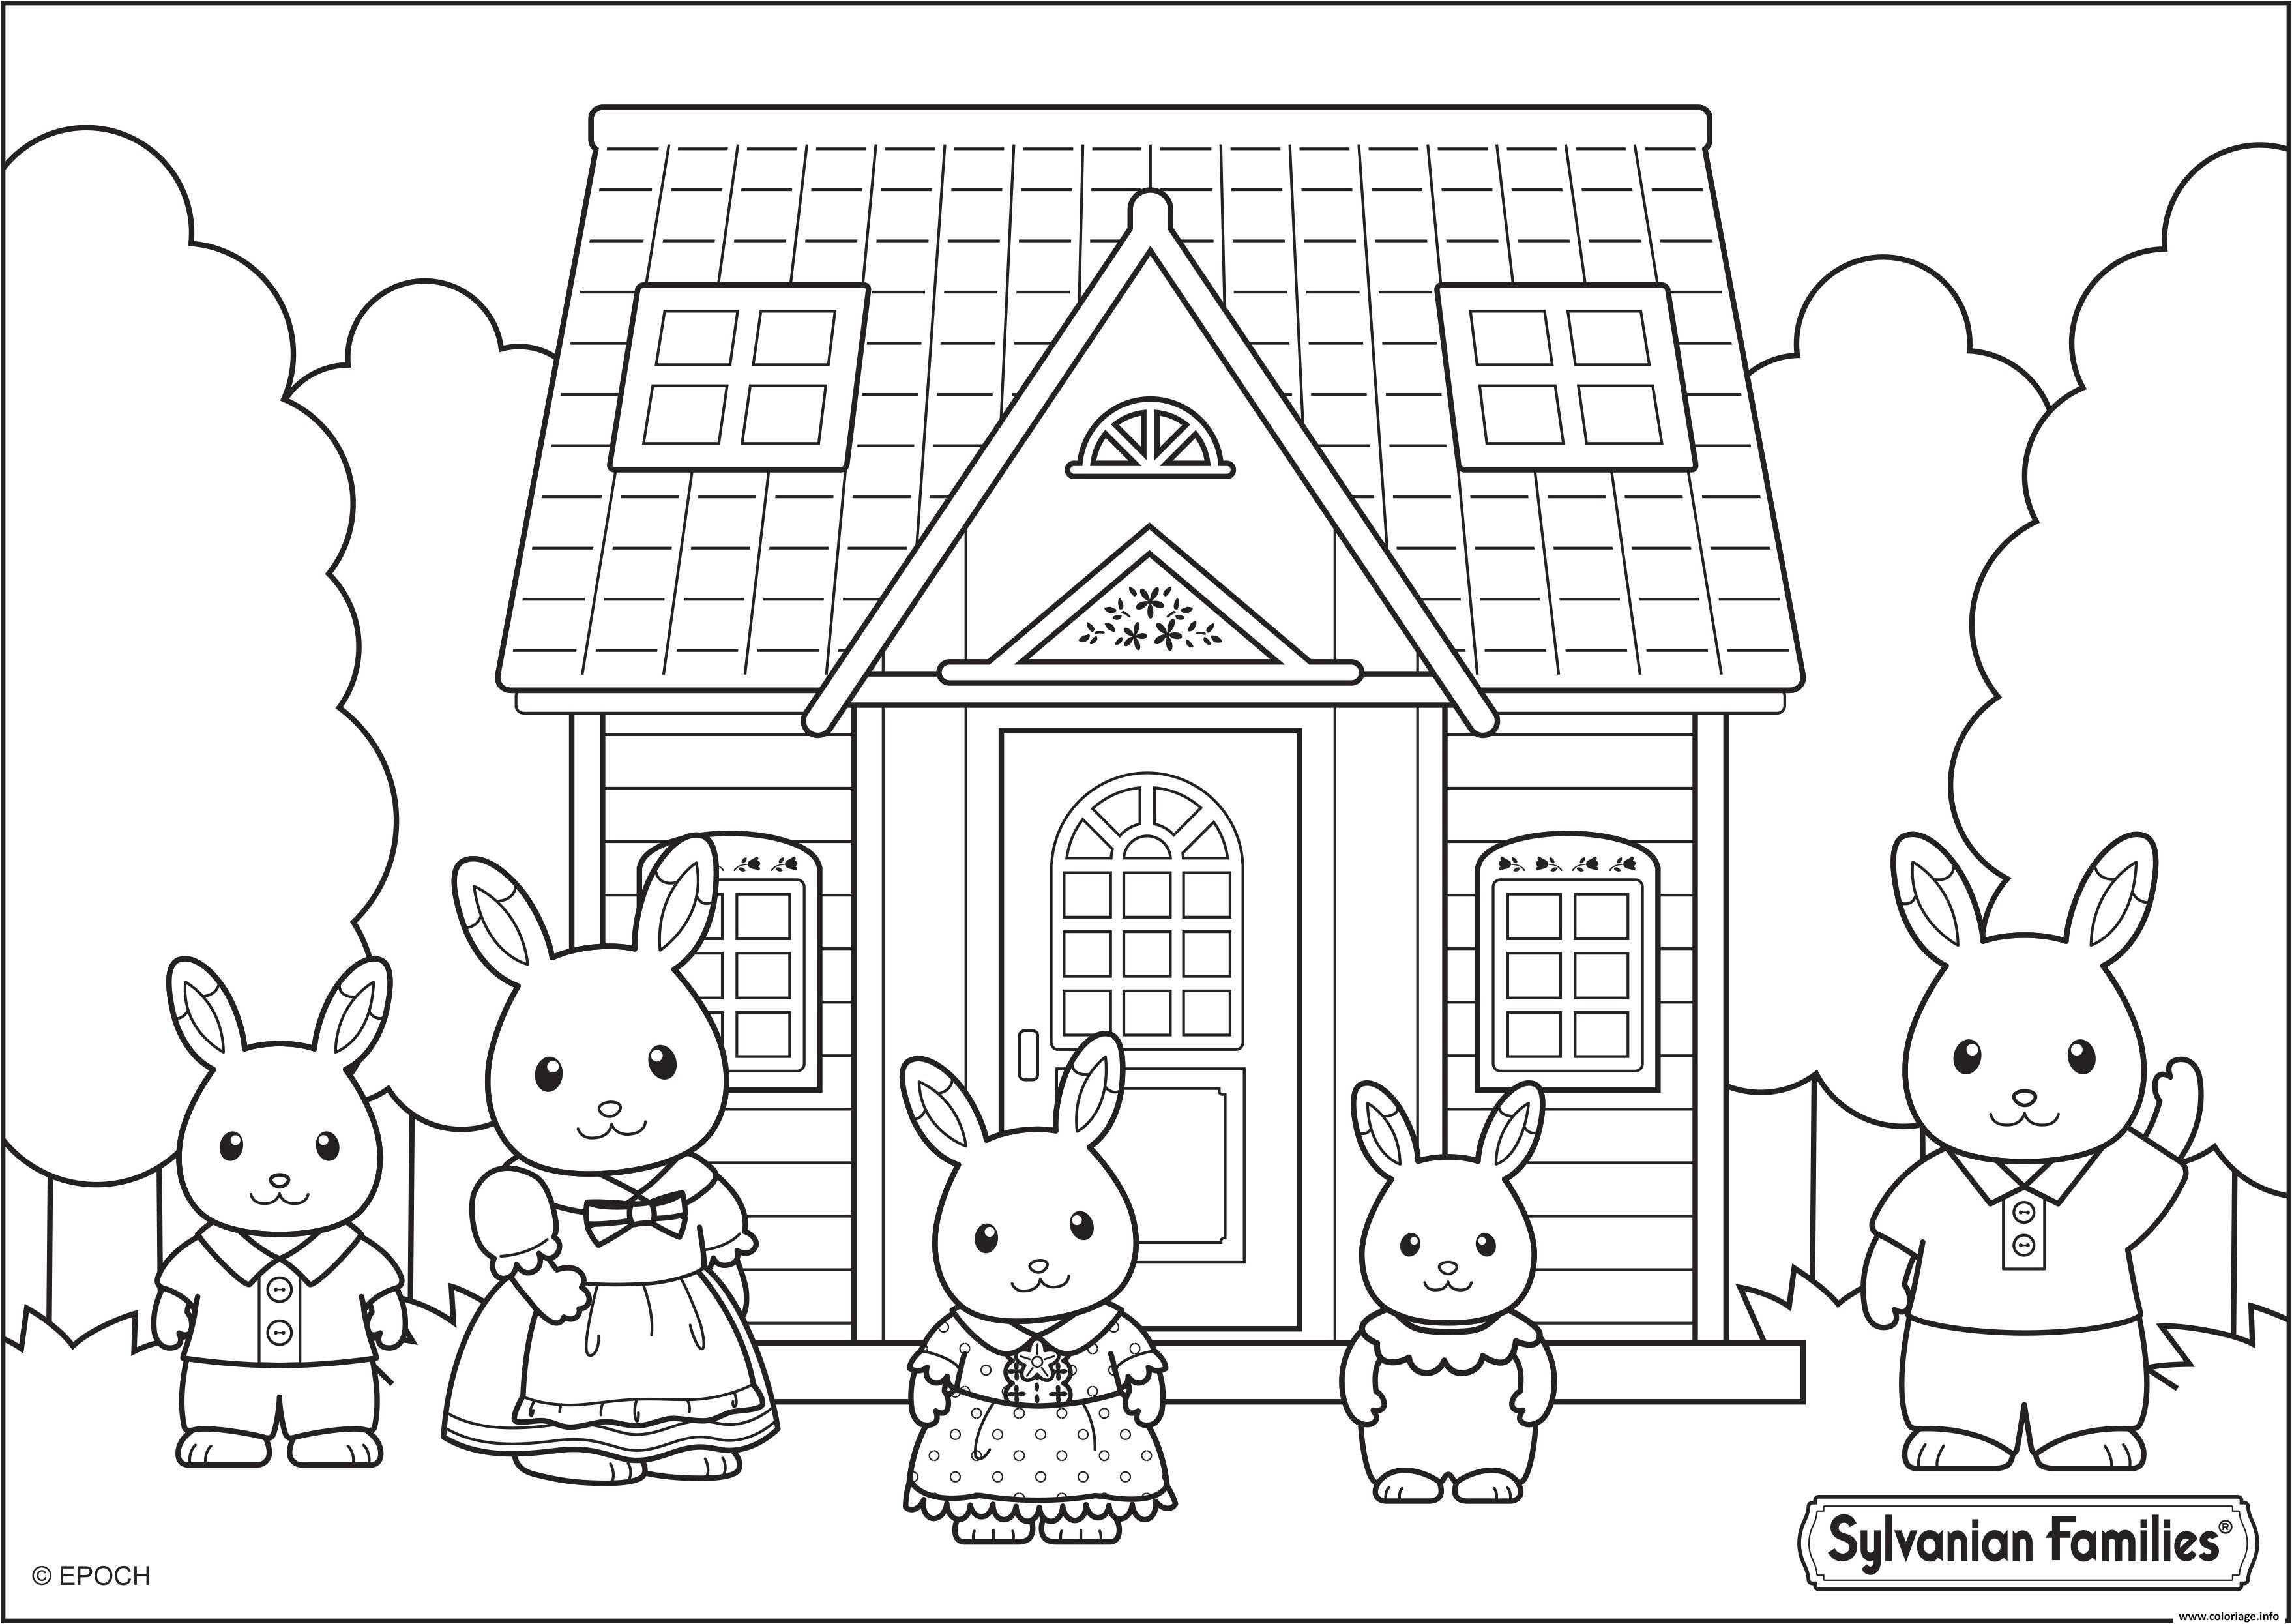 Dessin maison sylvanian families Coloriage Gratuit à Imprimer